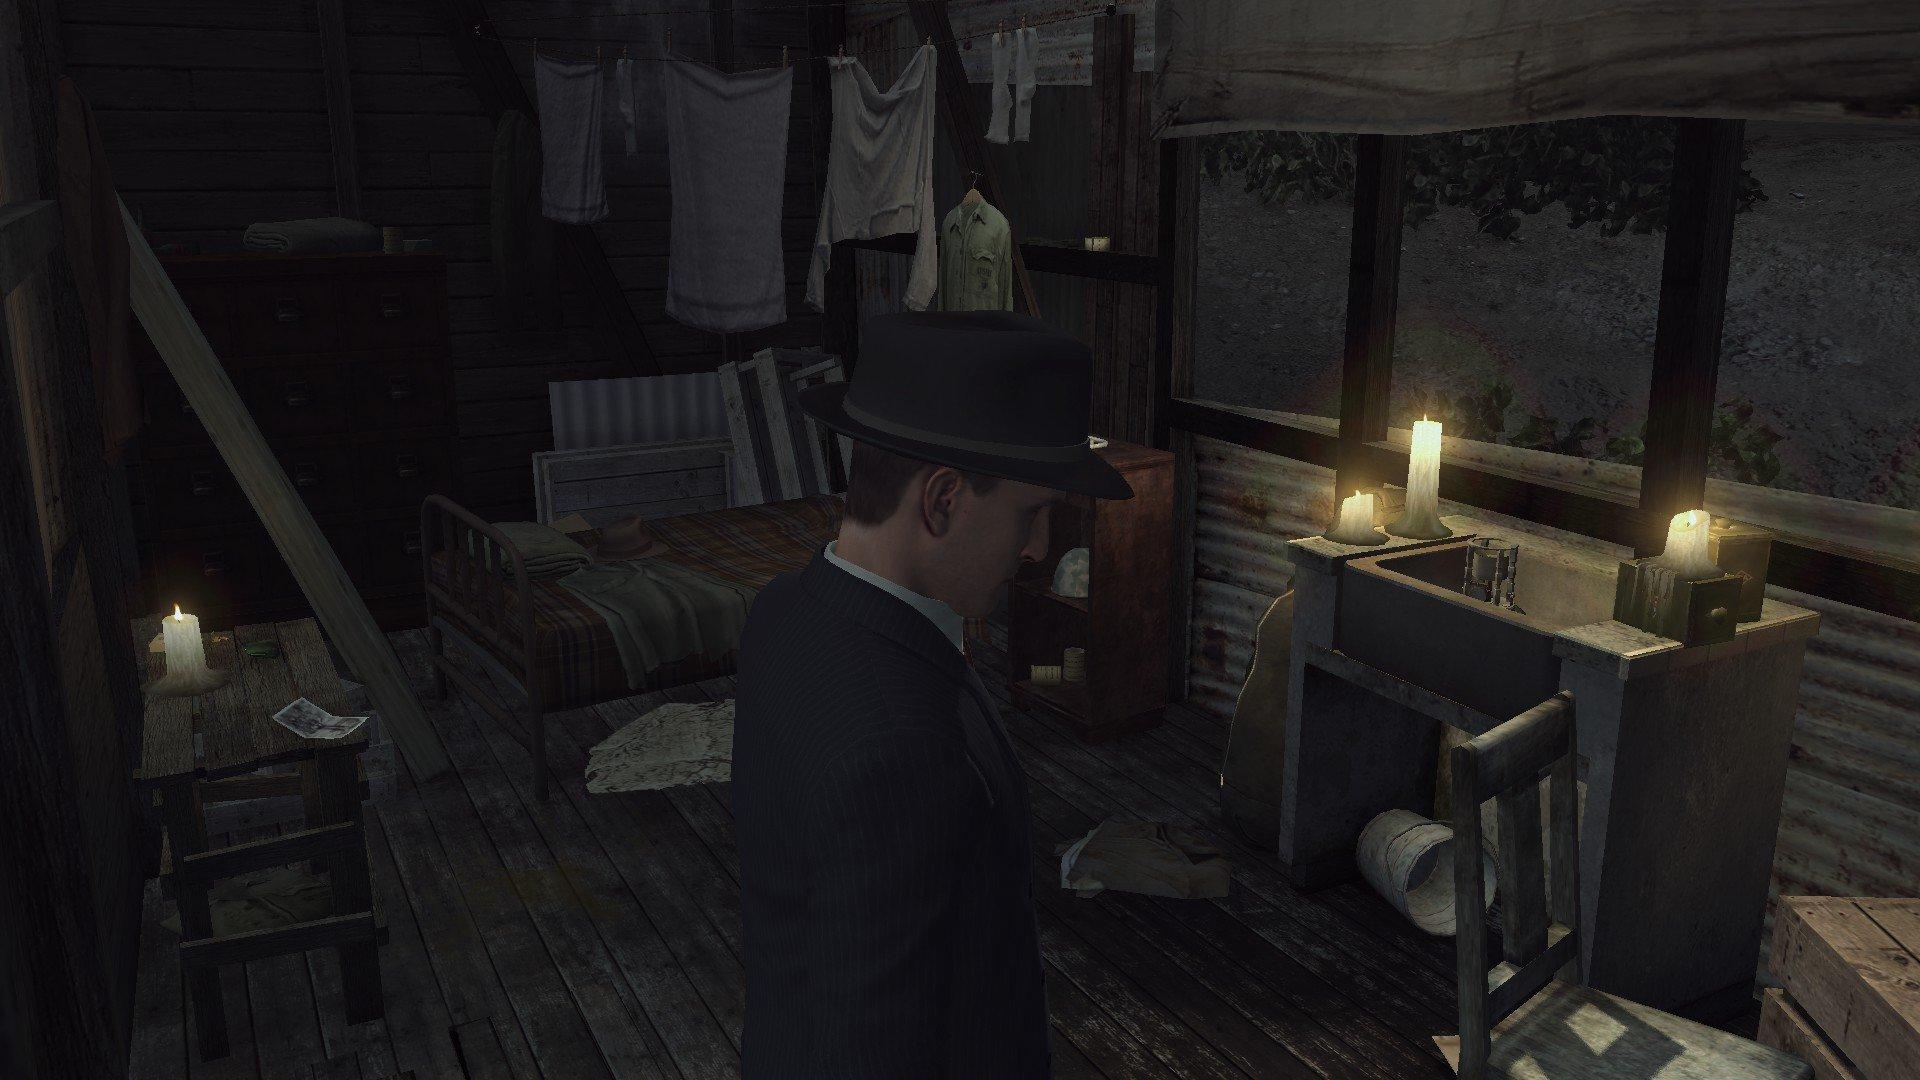 Пост-прохождение L.A. Noire Часть 11 - Изображение 55